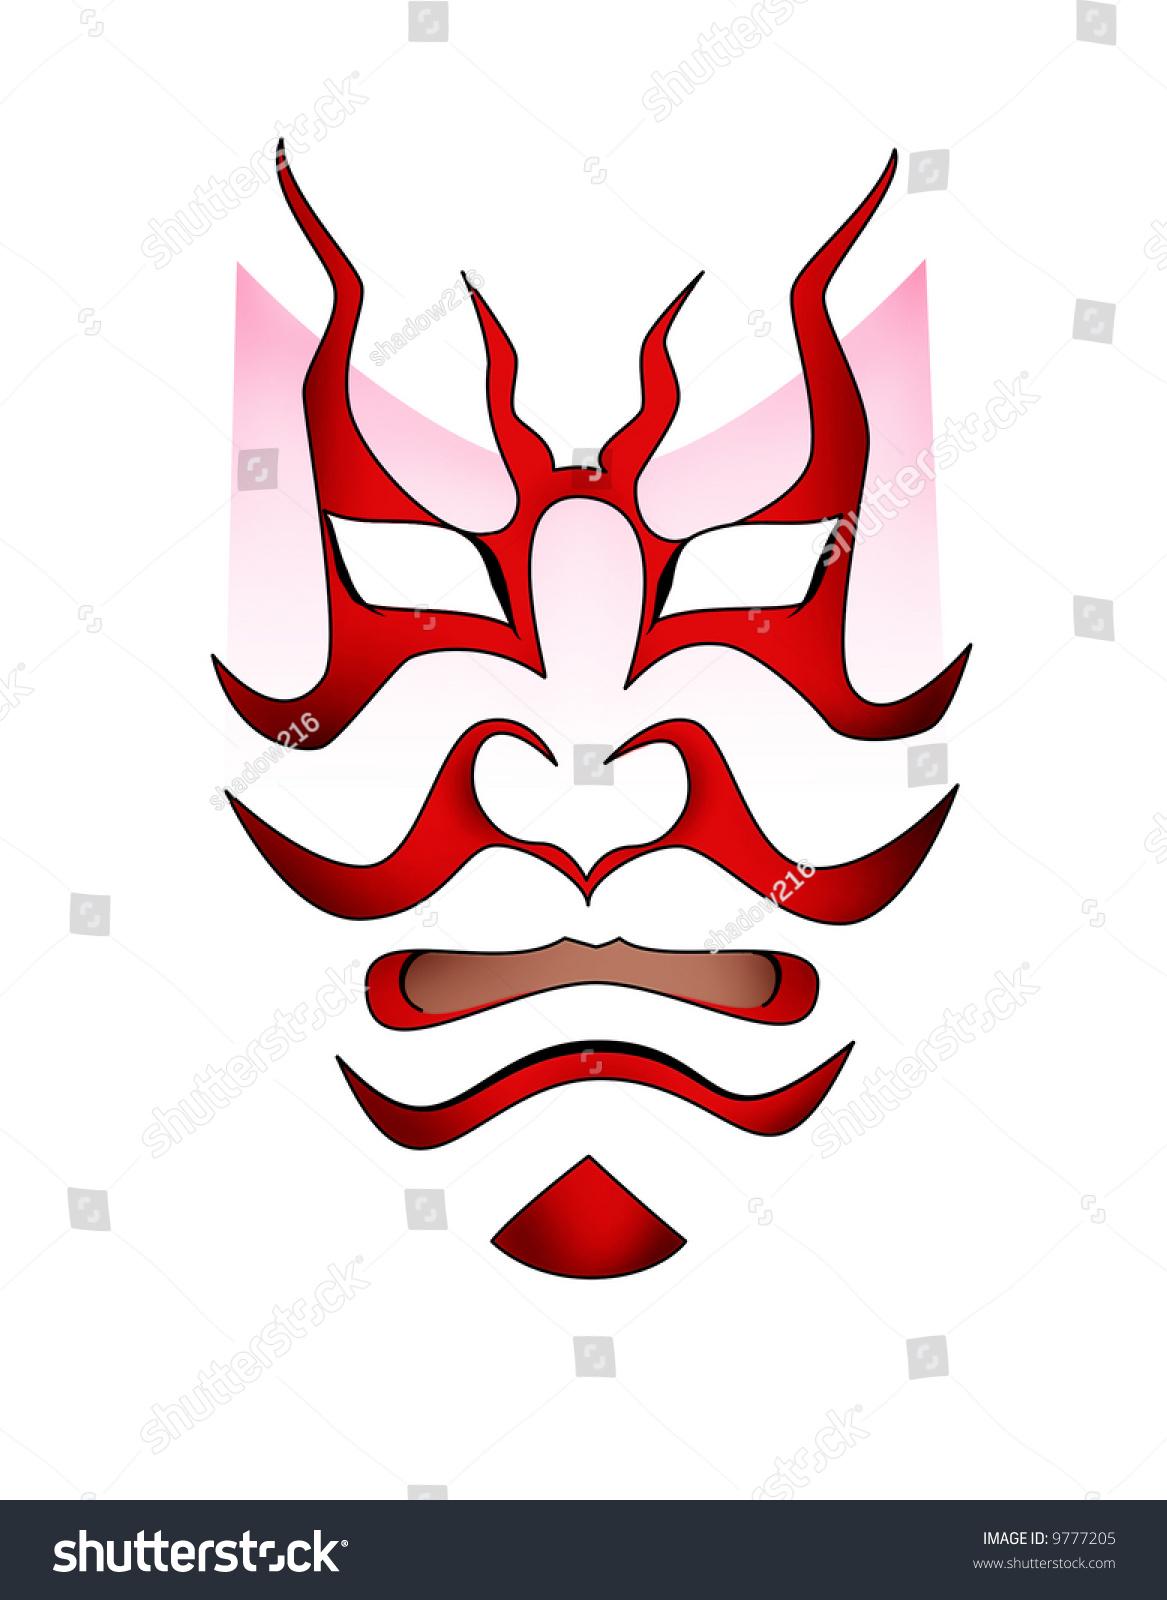 illustration kabuki mask design stock illustration 9777205 shutterstock. Black Bedroom Furniture Sets. Home Design Ideas